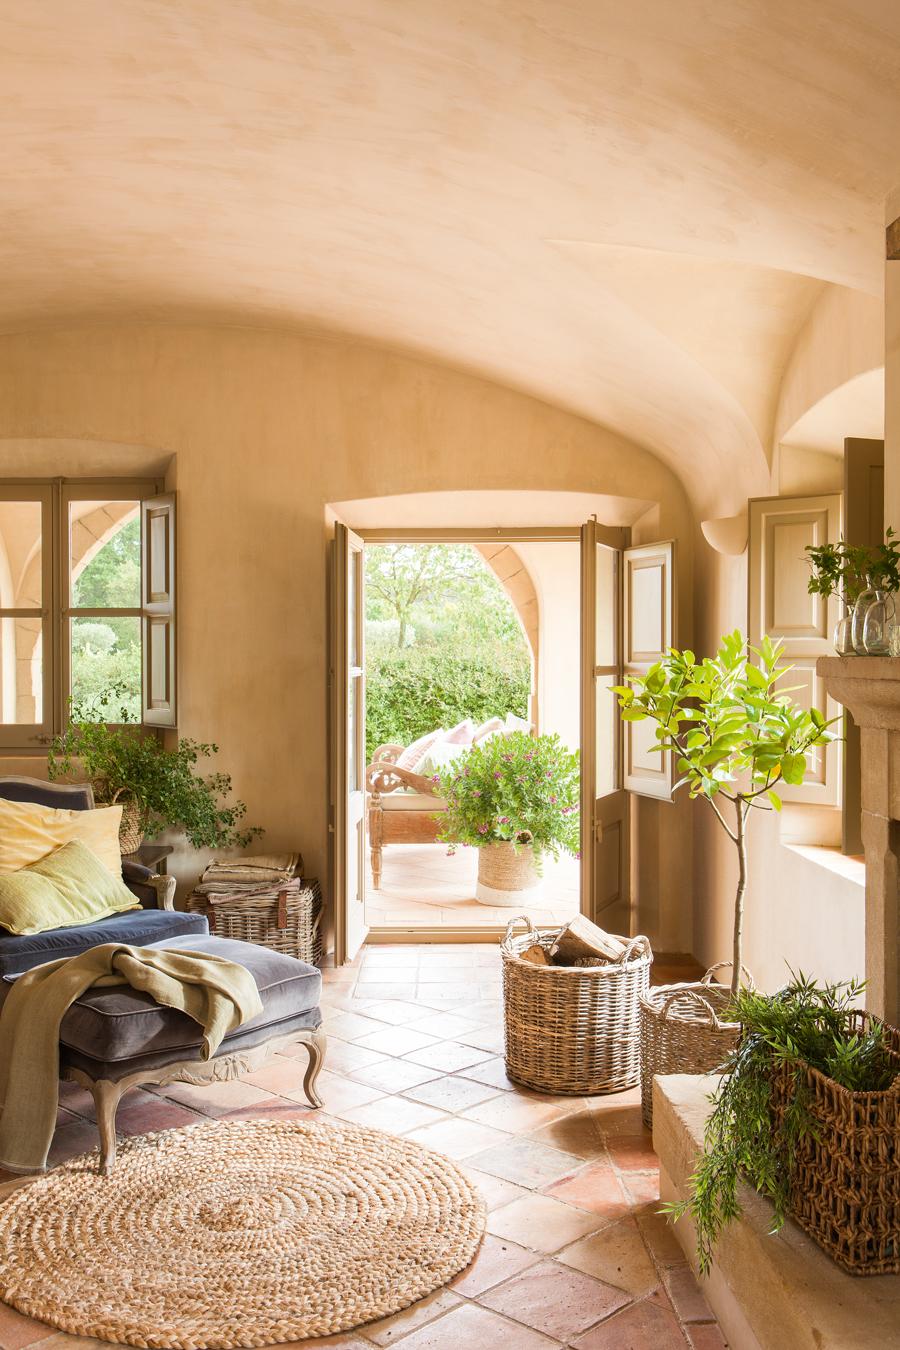 Casa rústica con techo abovedado, salida a porche. Suelo de toba, plantas, cestos y butaca azul y alfombra de fibra 00433885